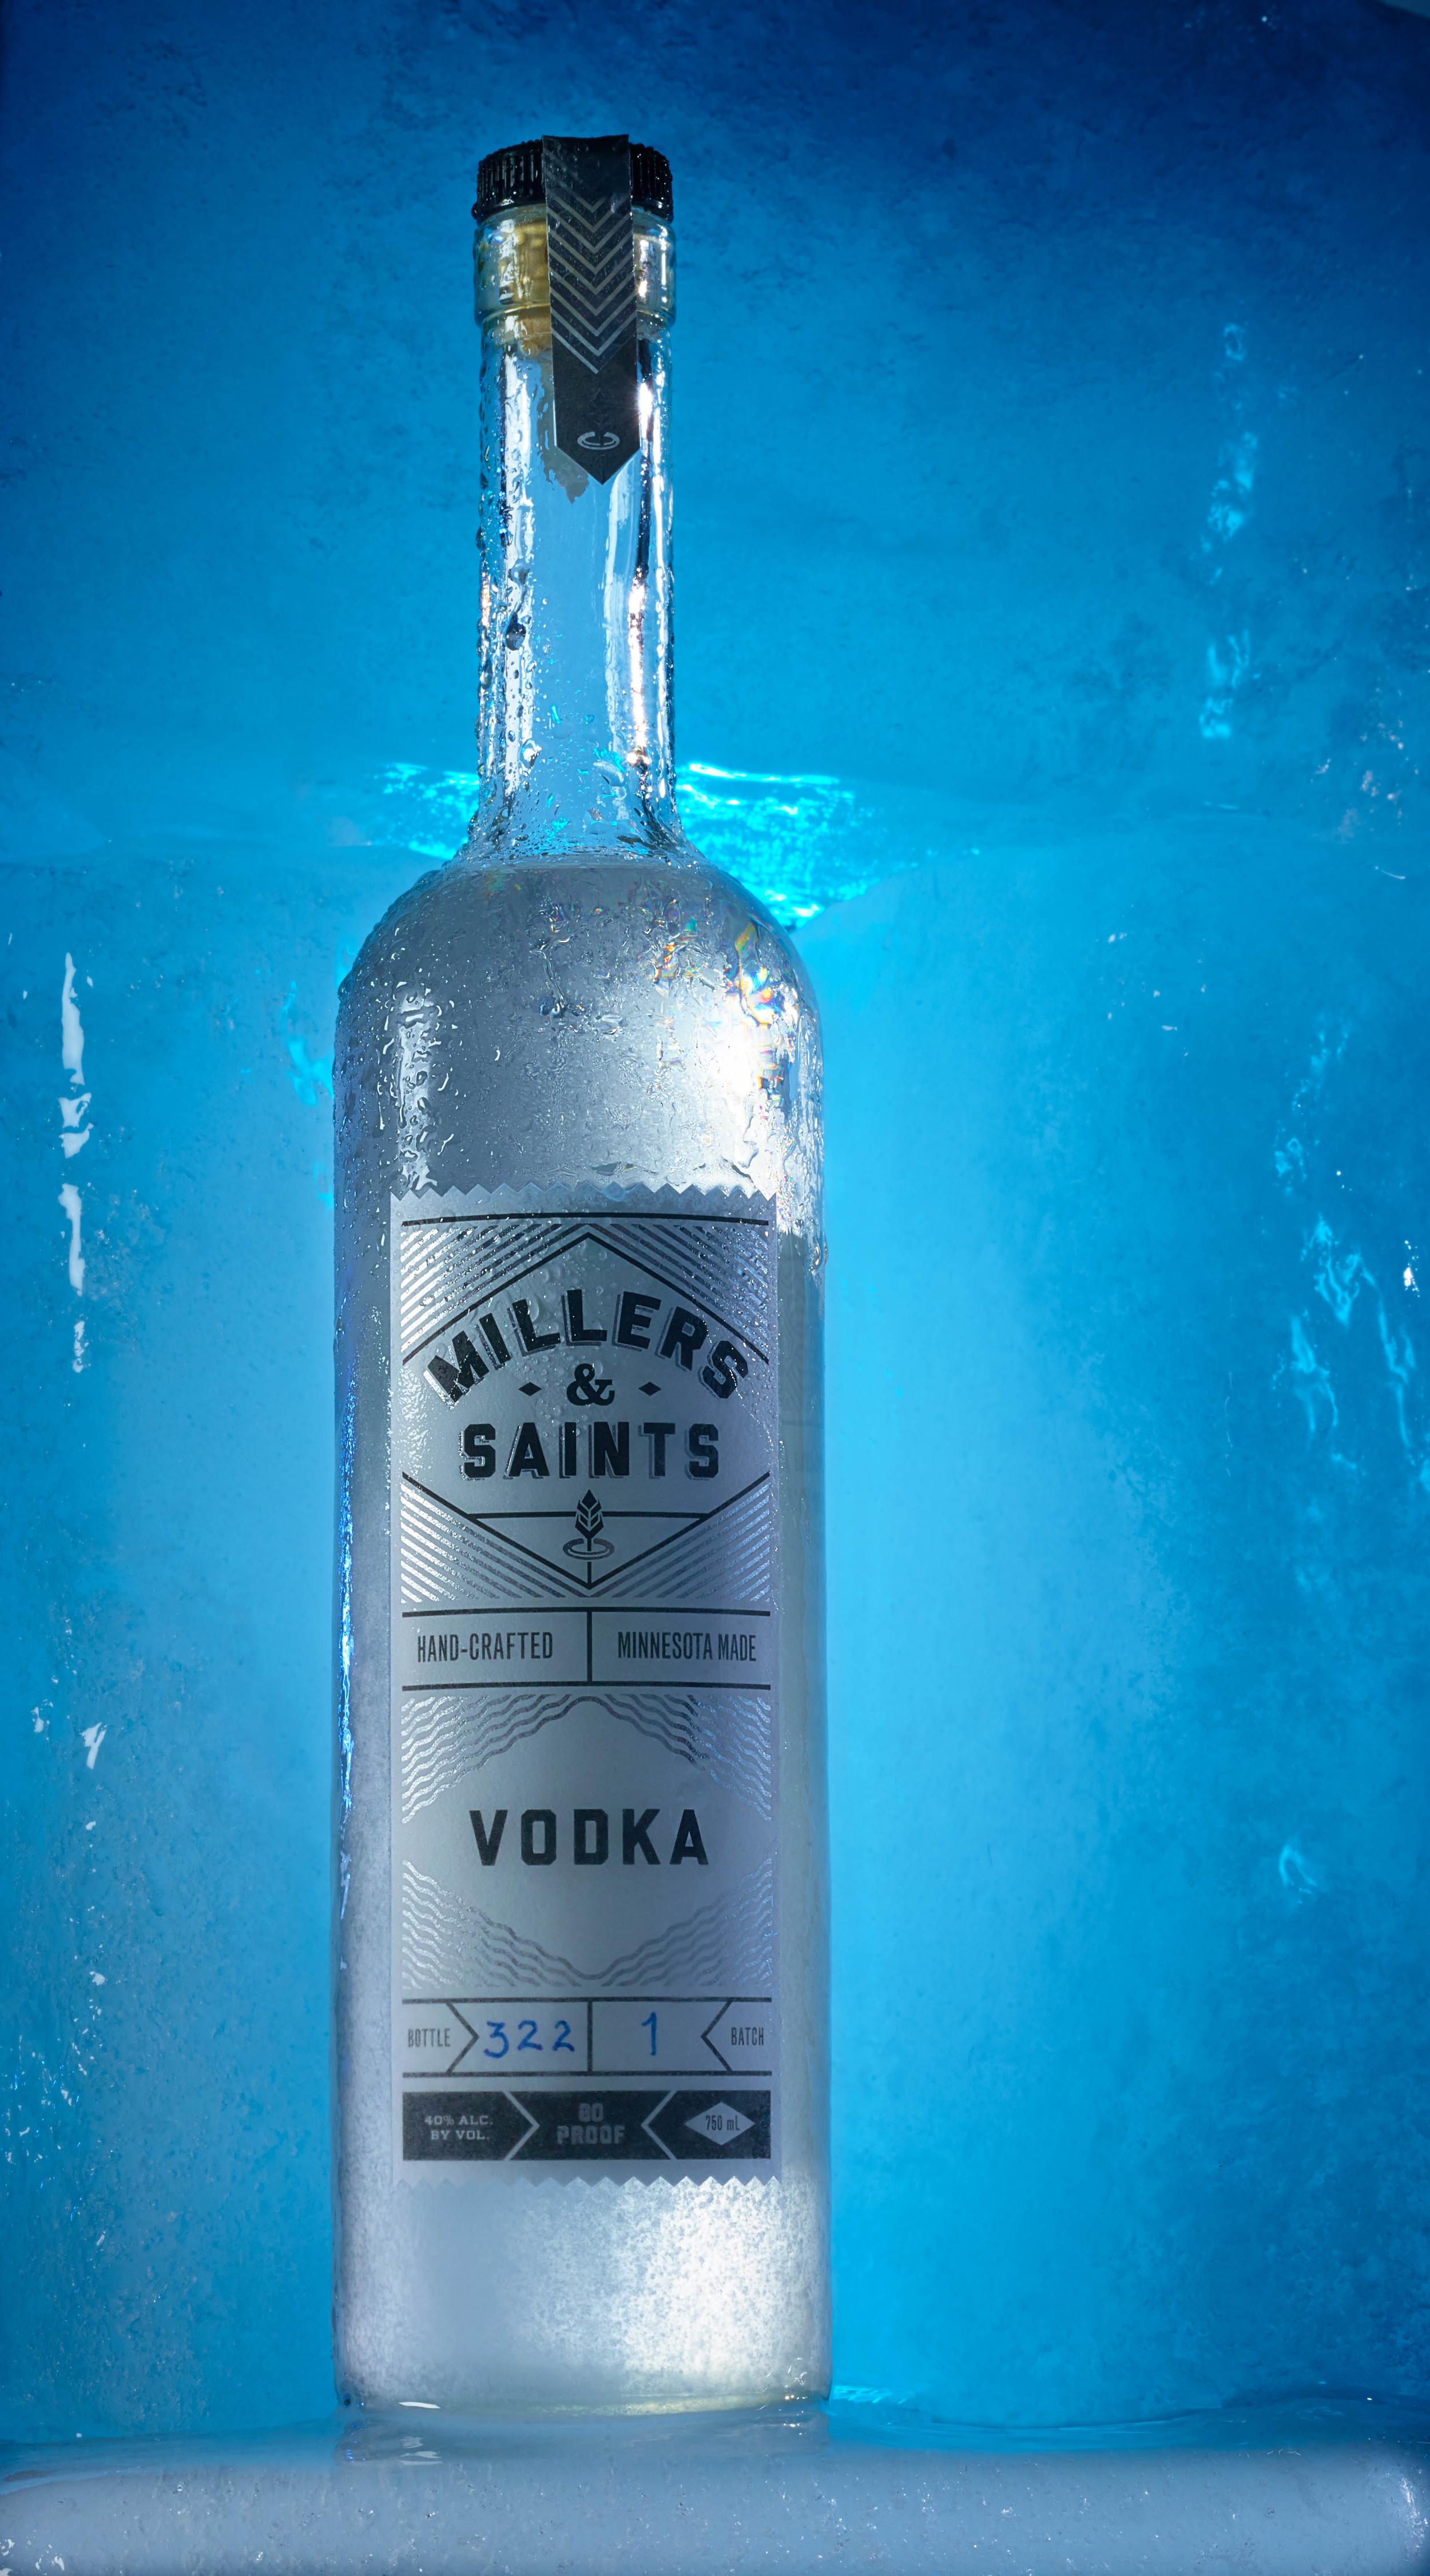 MillersSaintsVodka.jpg